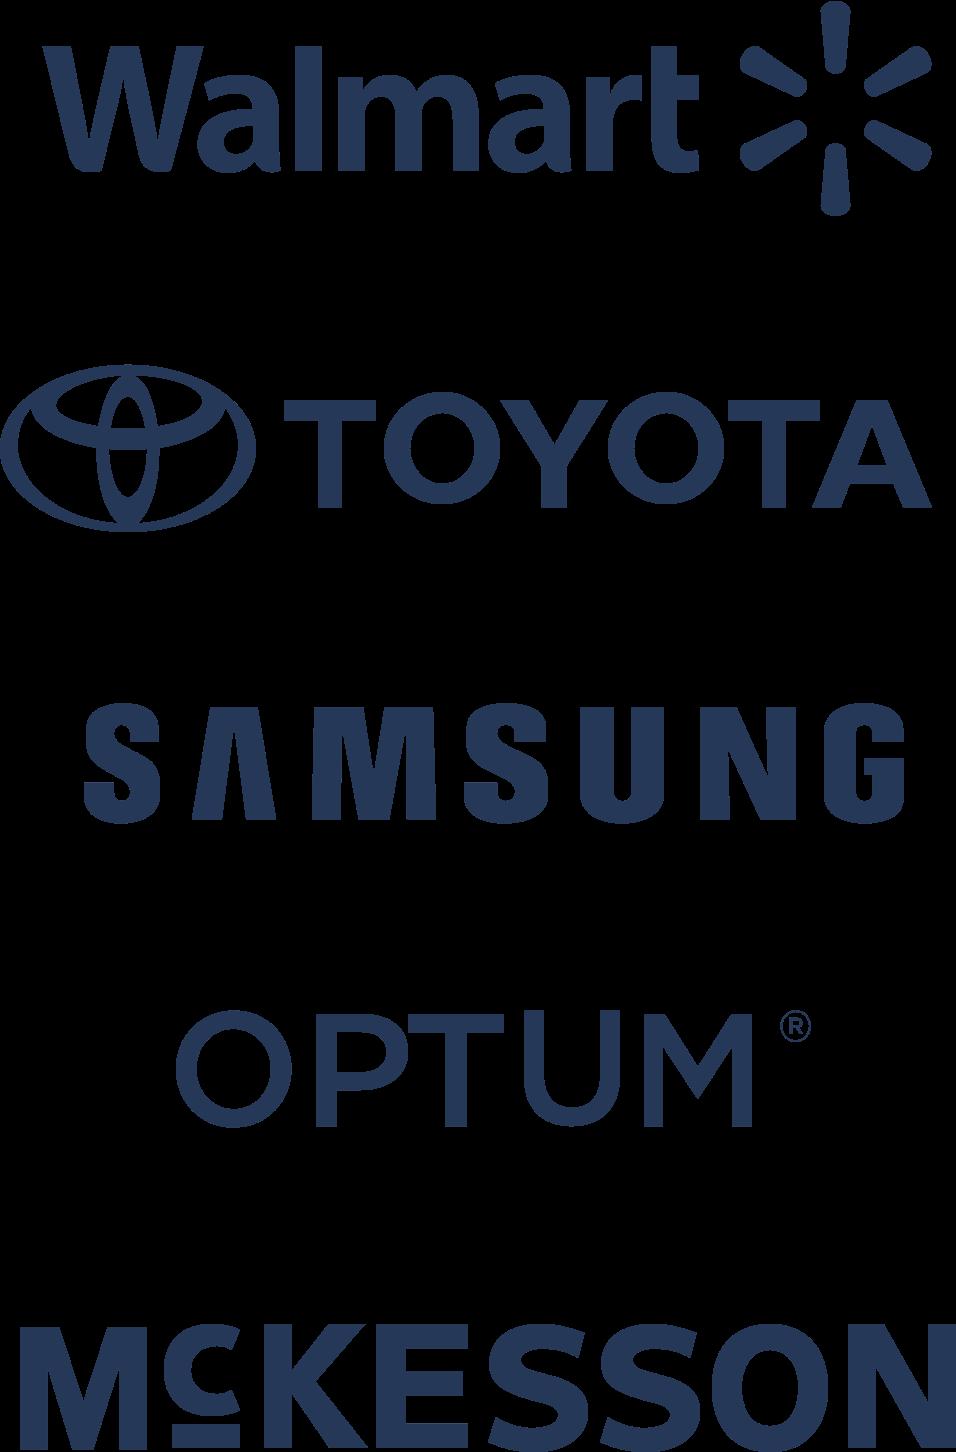 Логотипы Walmart, Toyota, Samsung, Optum, McKesson